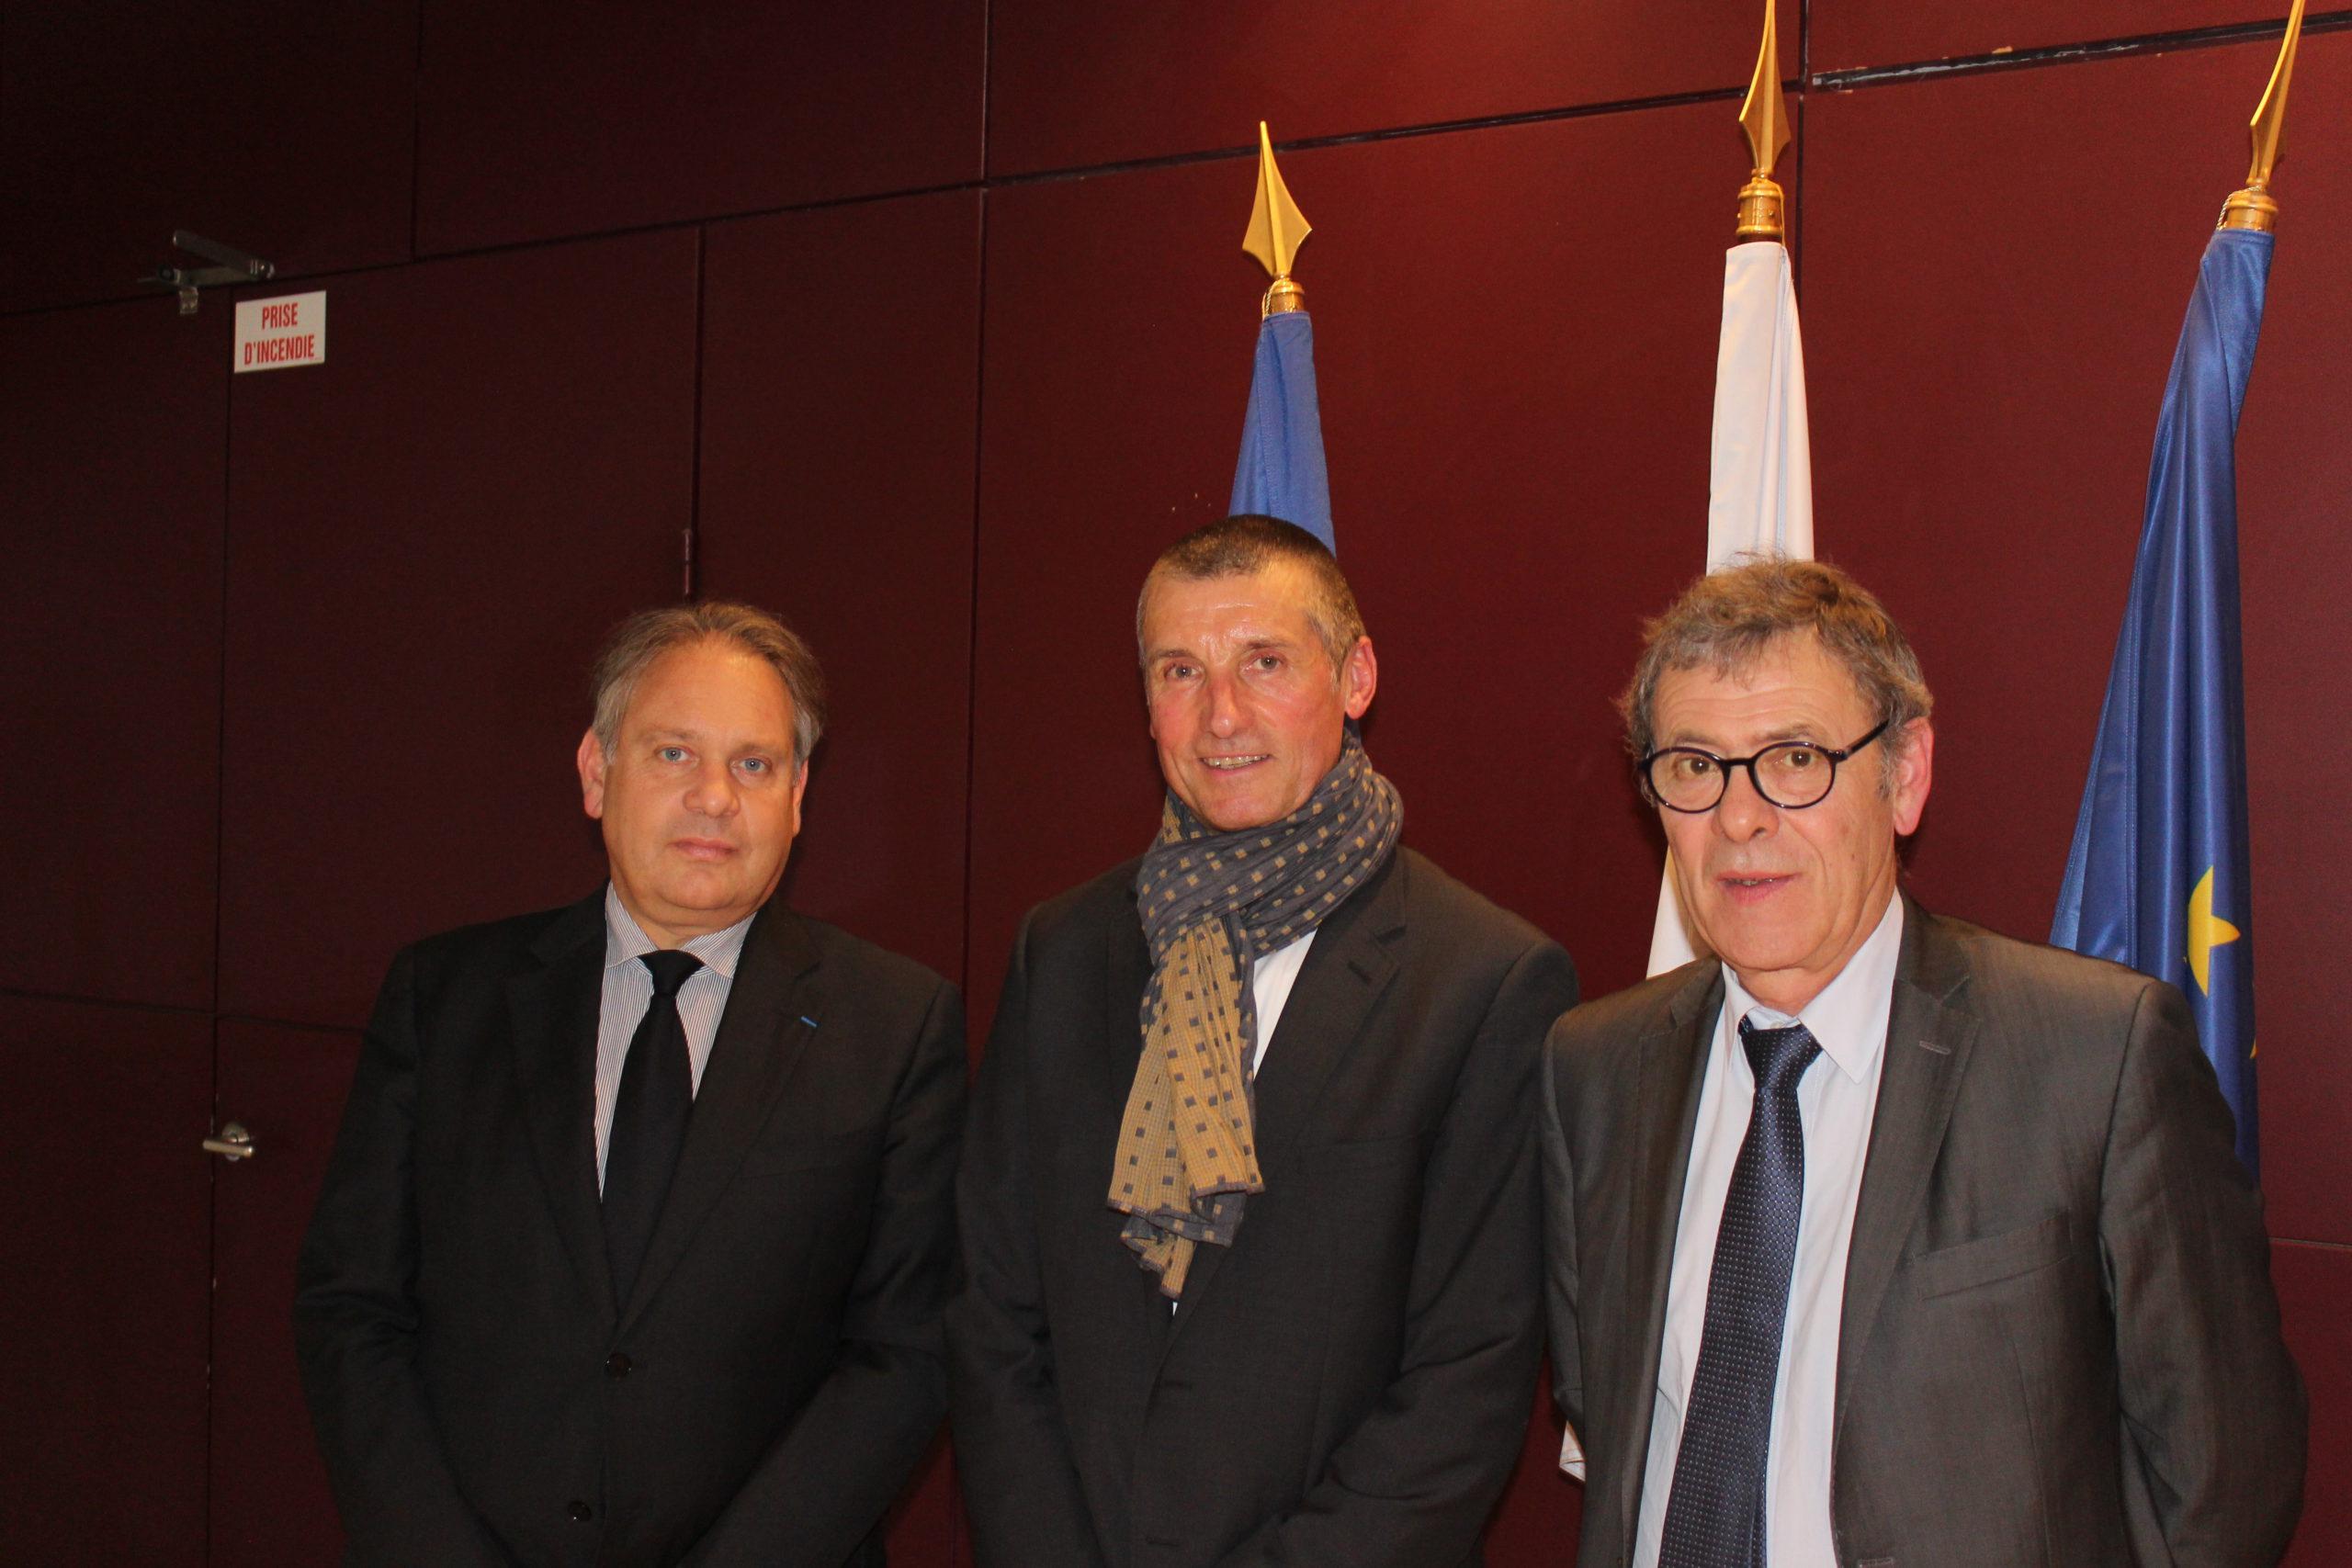 La FFMI, partenaire du Congrès National des Sapeurs Pompiers de Bourg-en-Bresse 2018